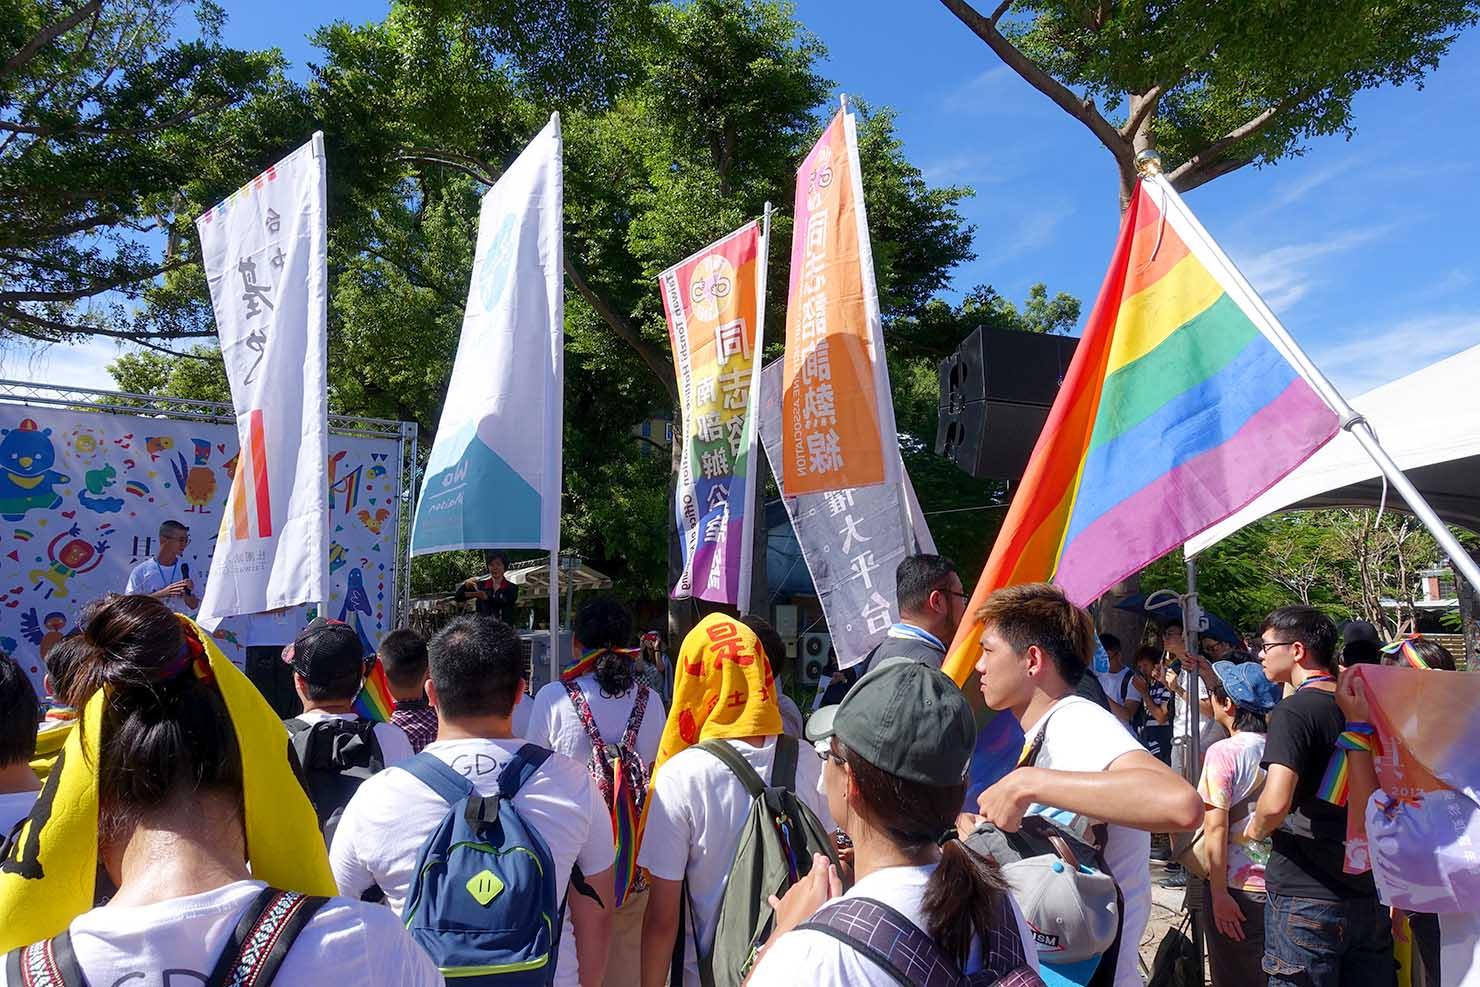 台湾東部のLGBTプライド「花東彩虹嘉年華」台東会場のステージ前に集結するLGBT関連団体